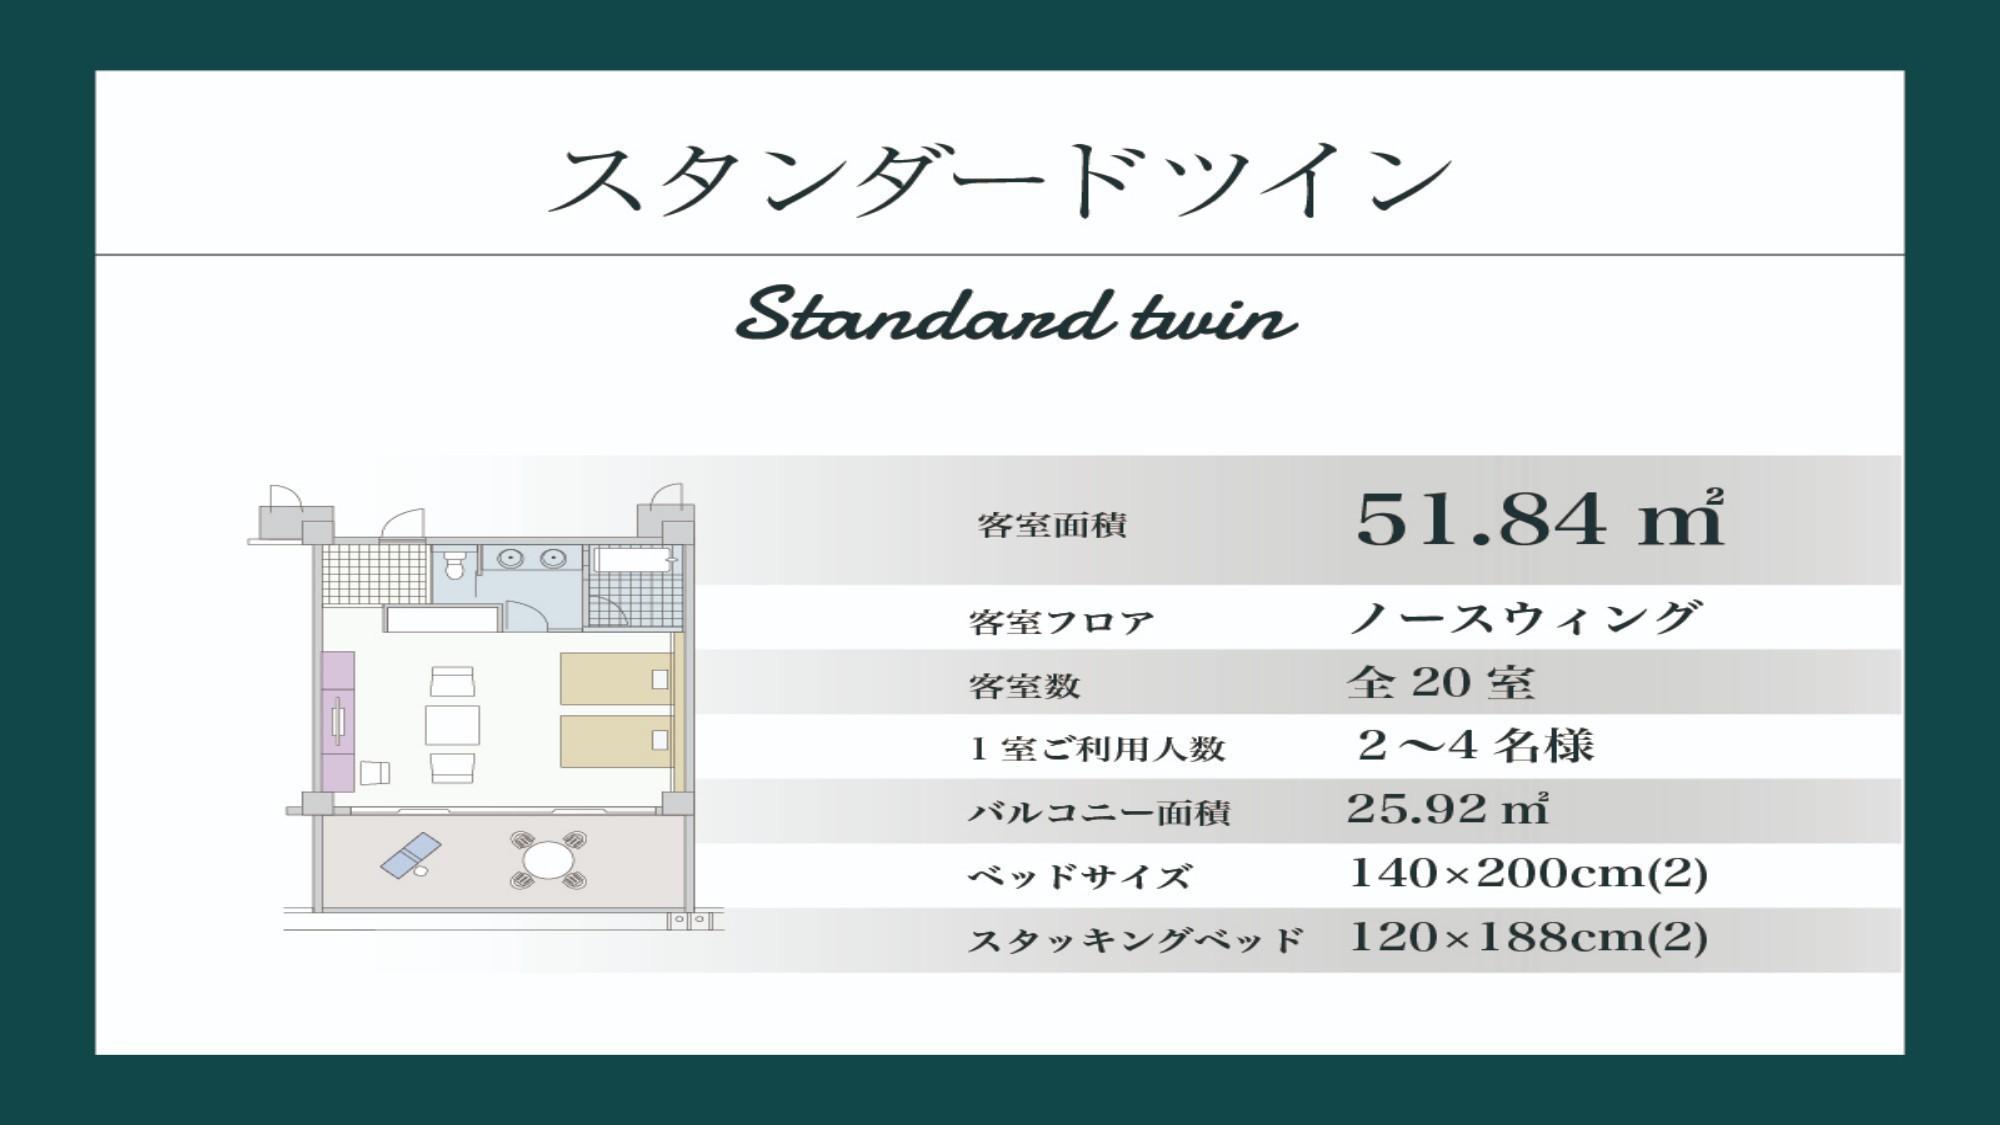 【リニューアル/スタンダードツイン/51.84平米】ノースウイング棟1・2階(間取り図)